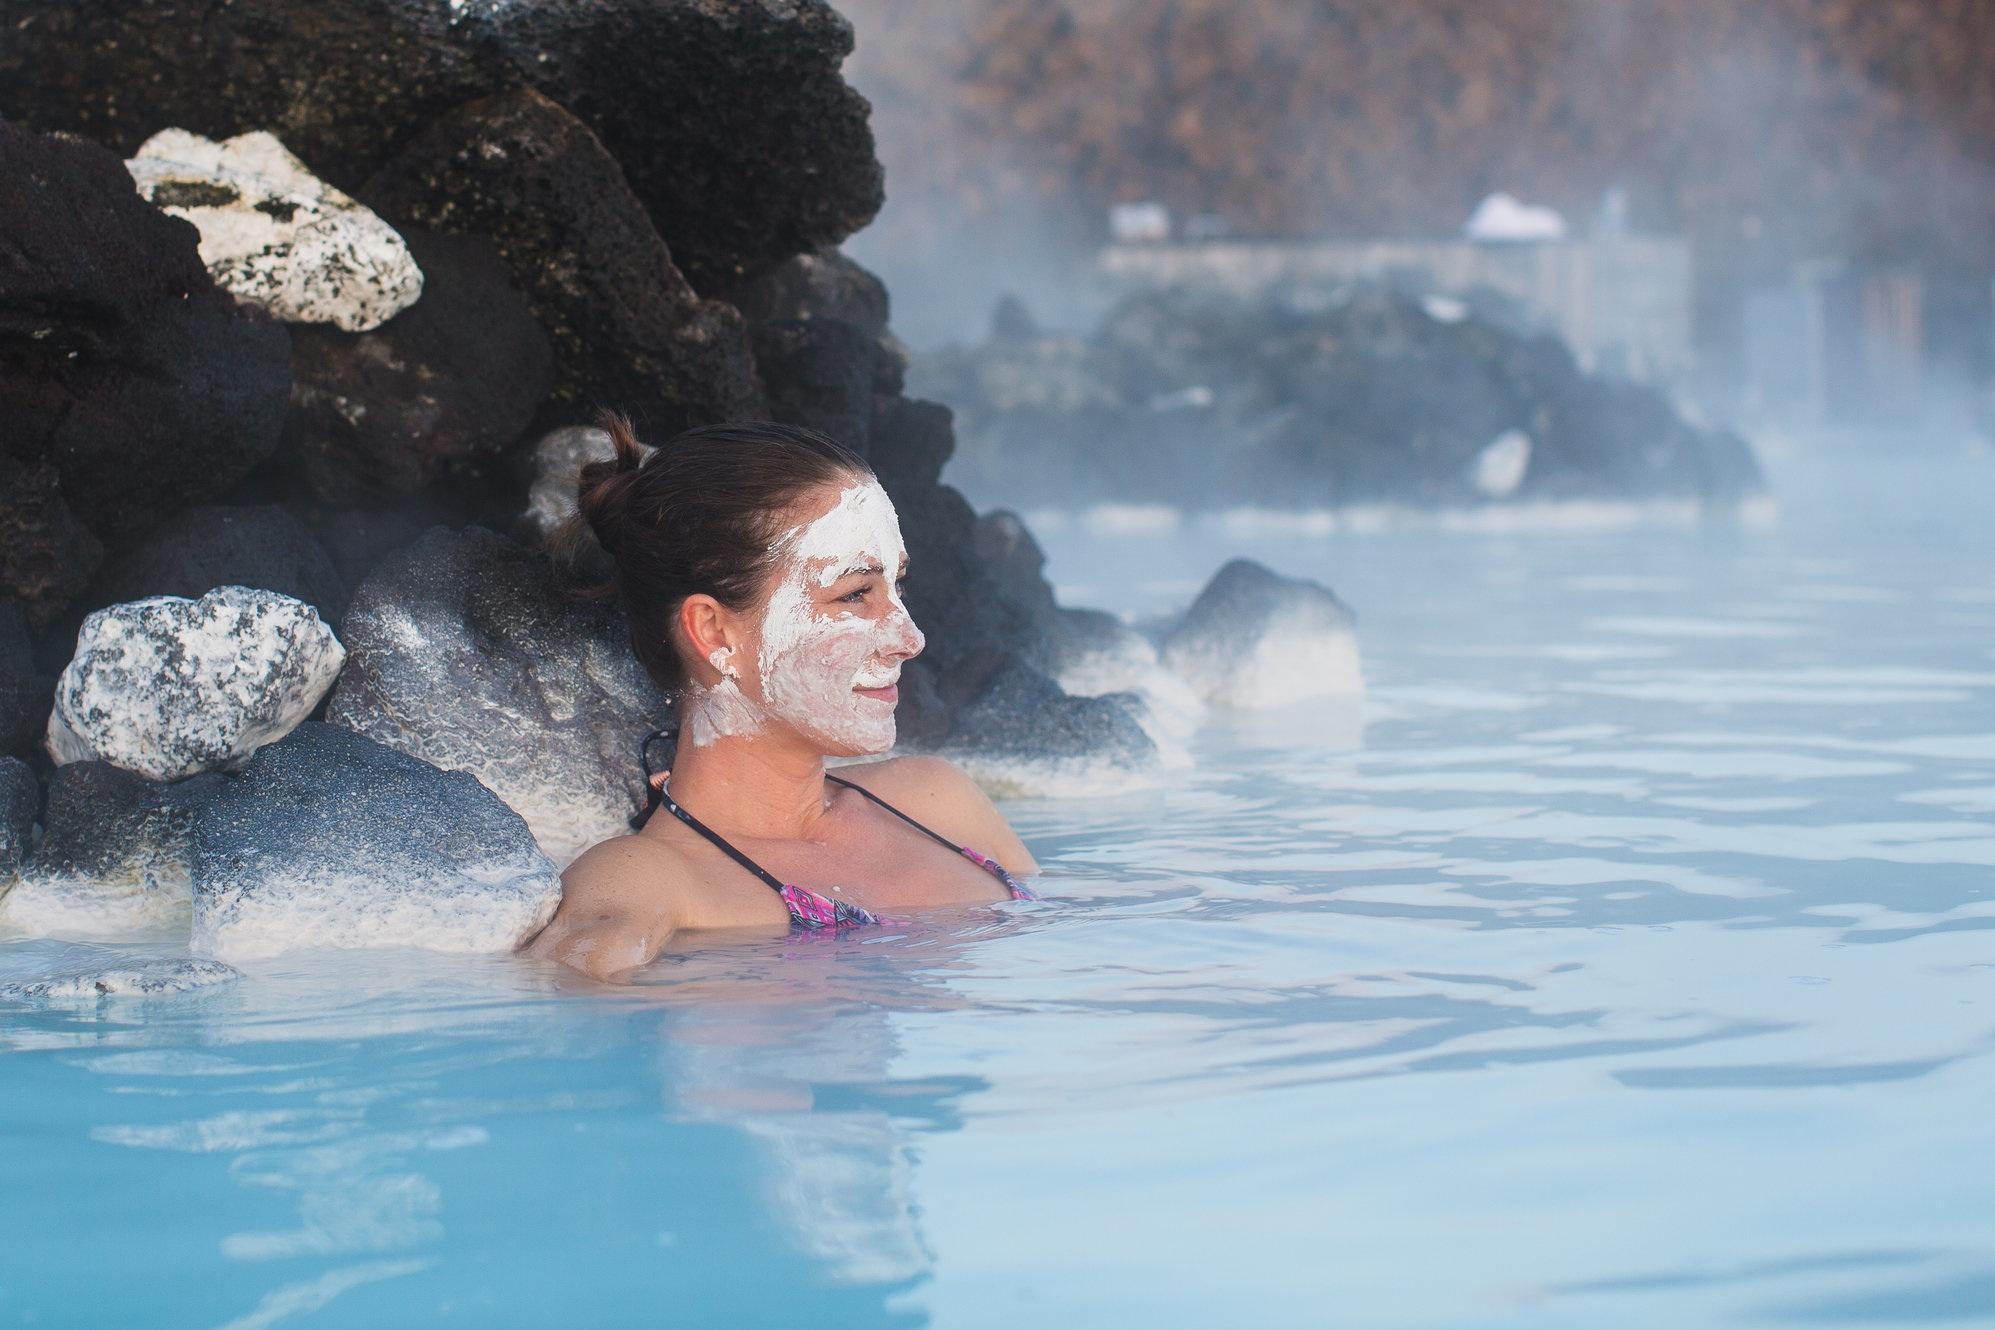 Den Blå Lagunes naturlige varme og alger, der virker blødgørende på huden, giver komfort og løsner trætte, spændte muskler.